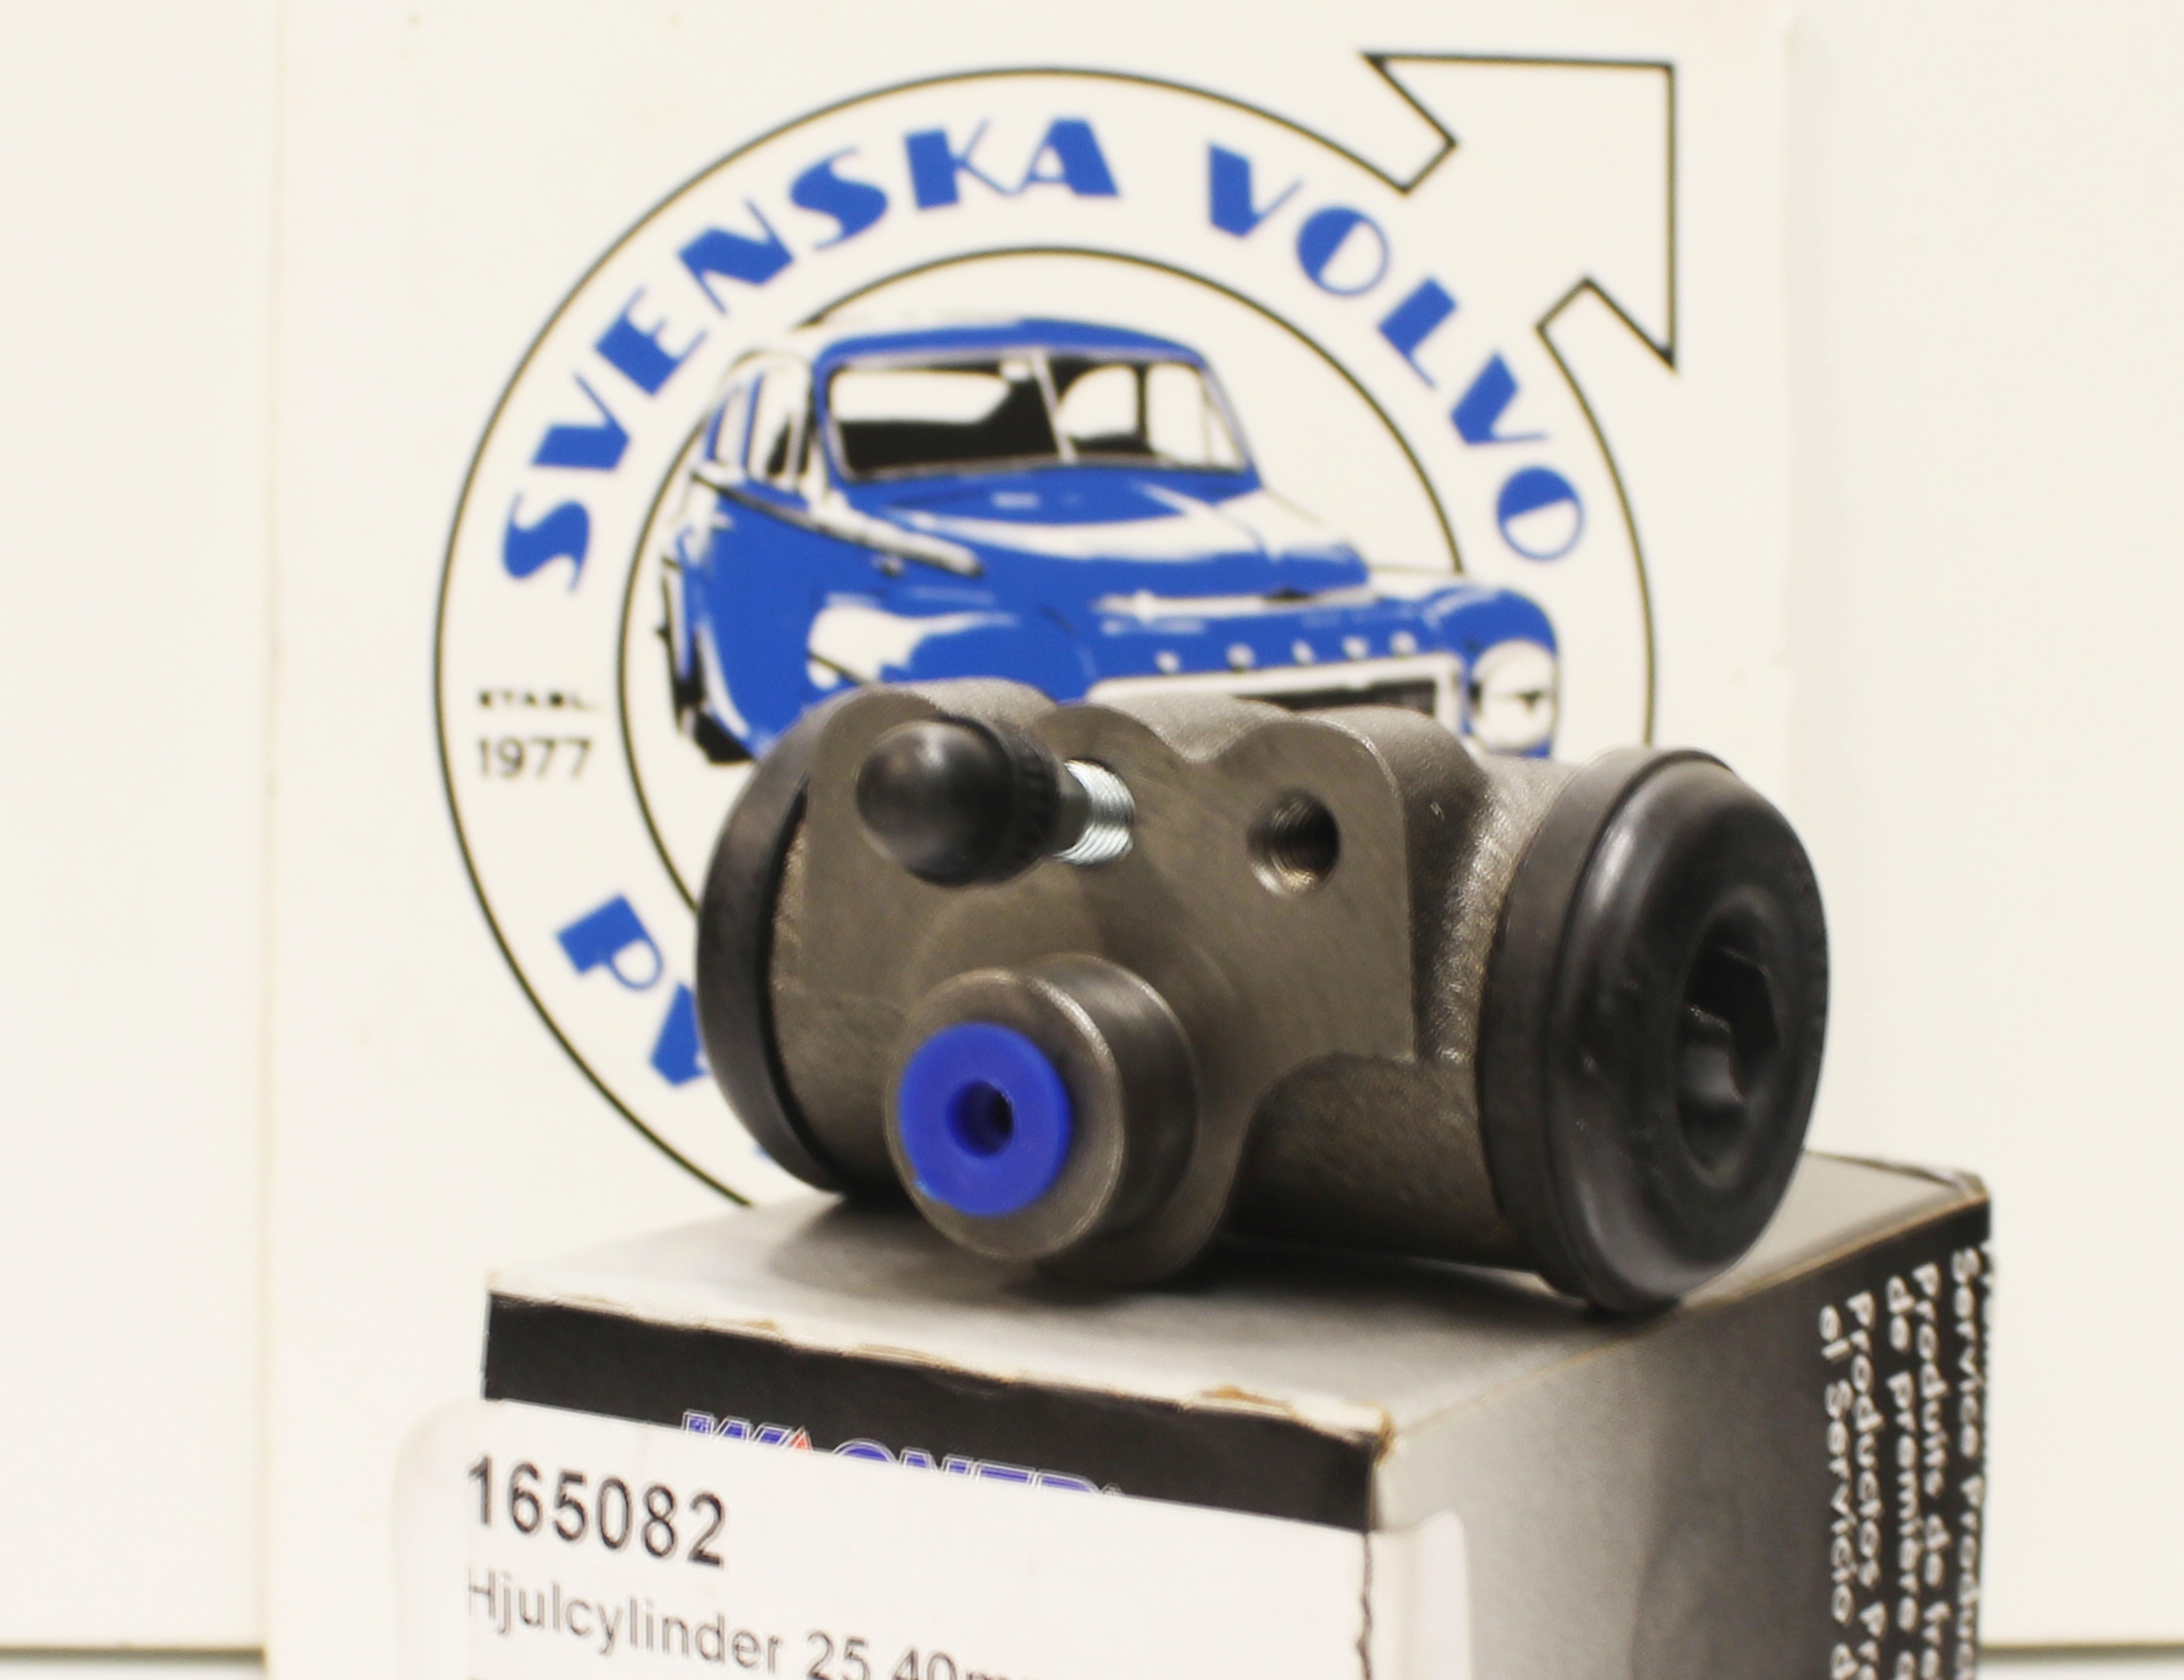 [:sv]ART.NR. 87450  Hjulcylinder fram till PV 444/445 samt 544 tidigt utförande (självjusterande)